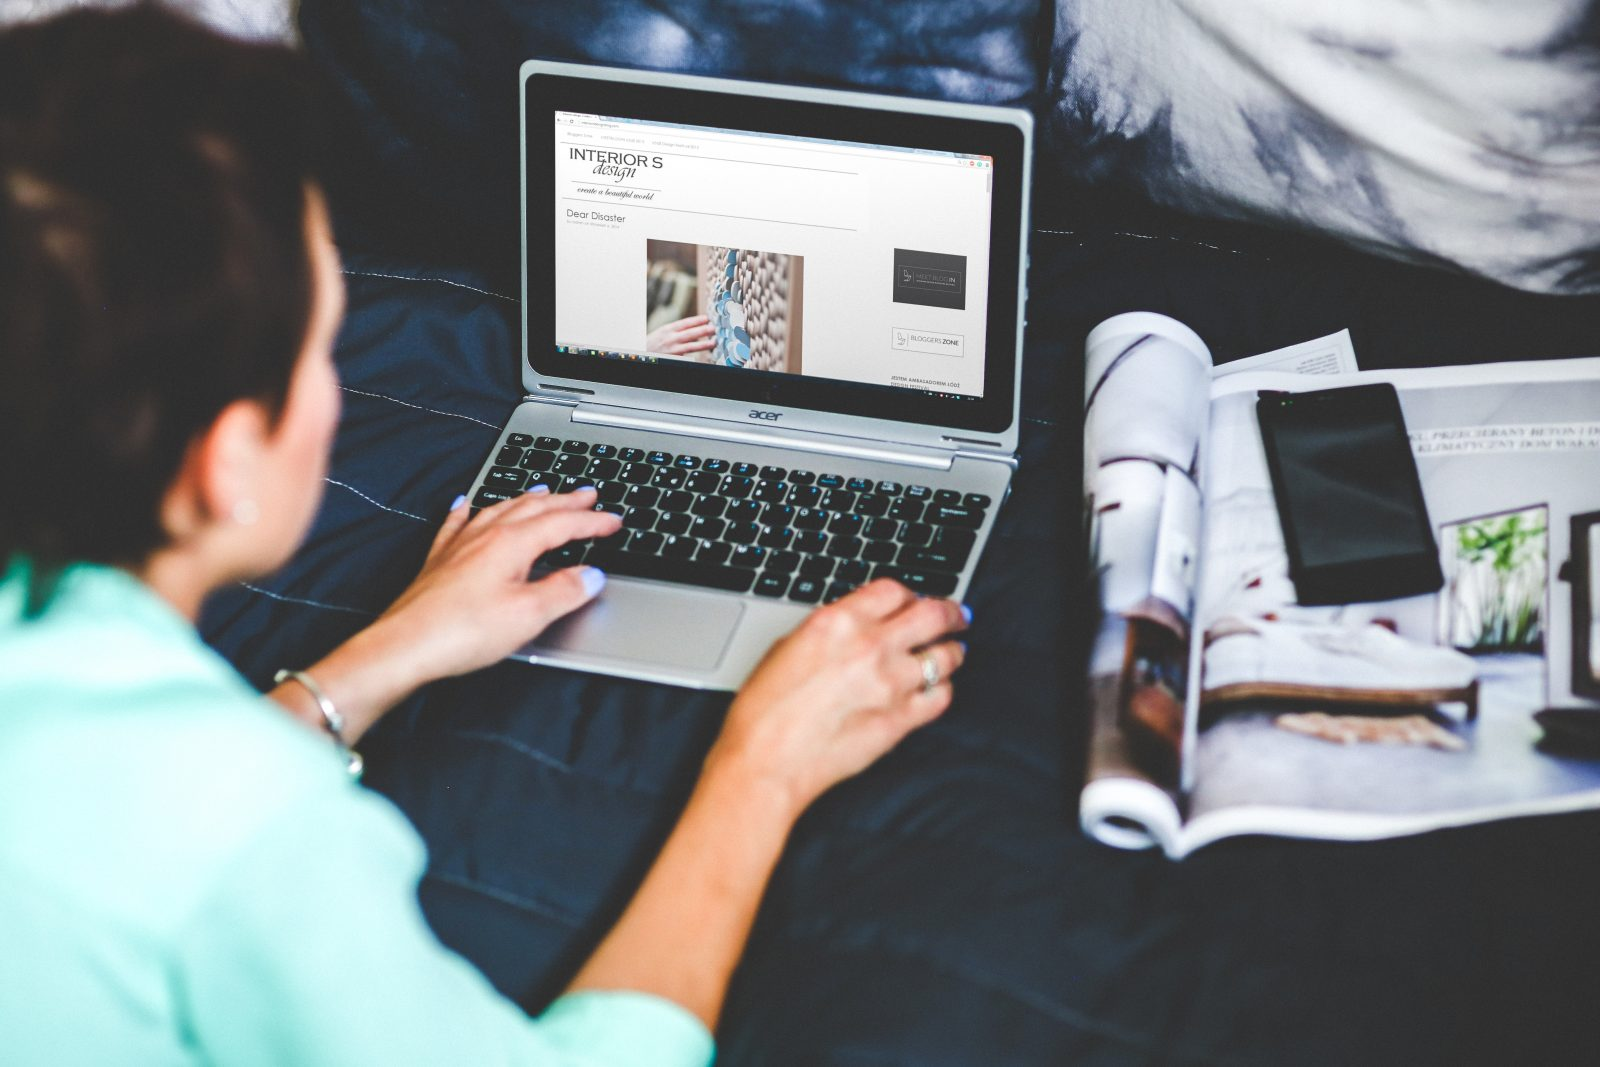 scrivere un post di successo - Come scrivere un post di successo Wordpress - Come scrivere un post di successo